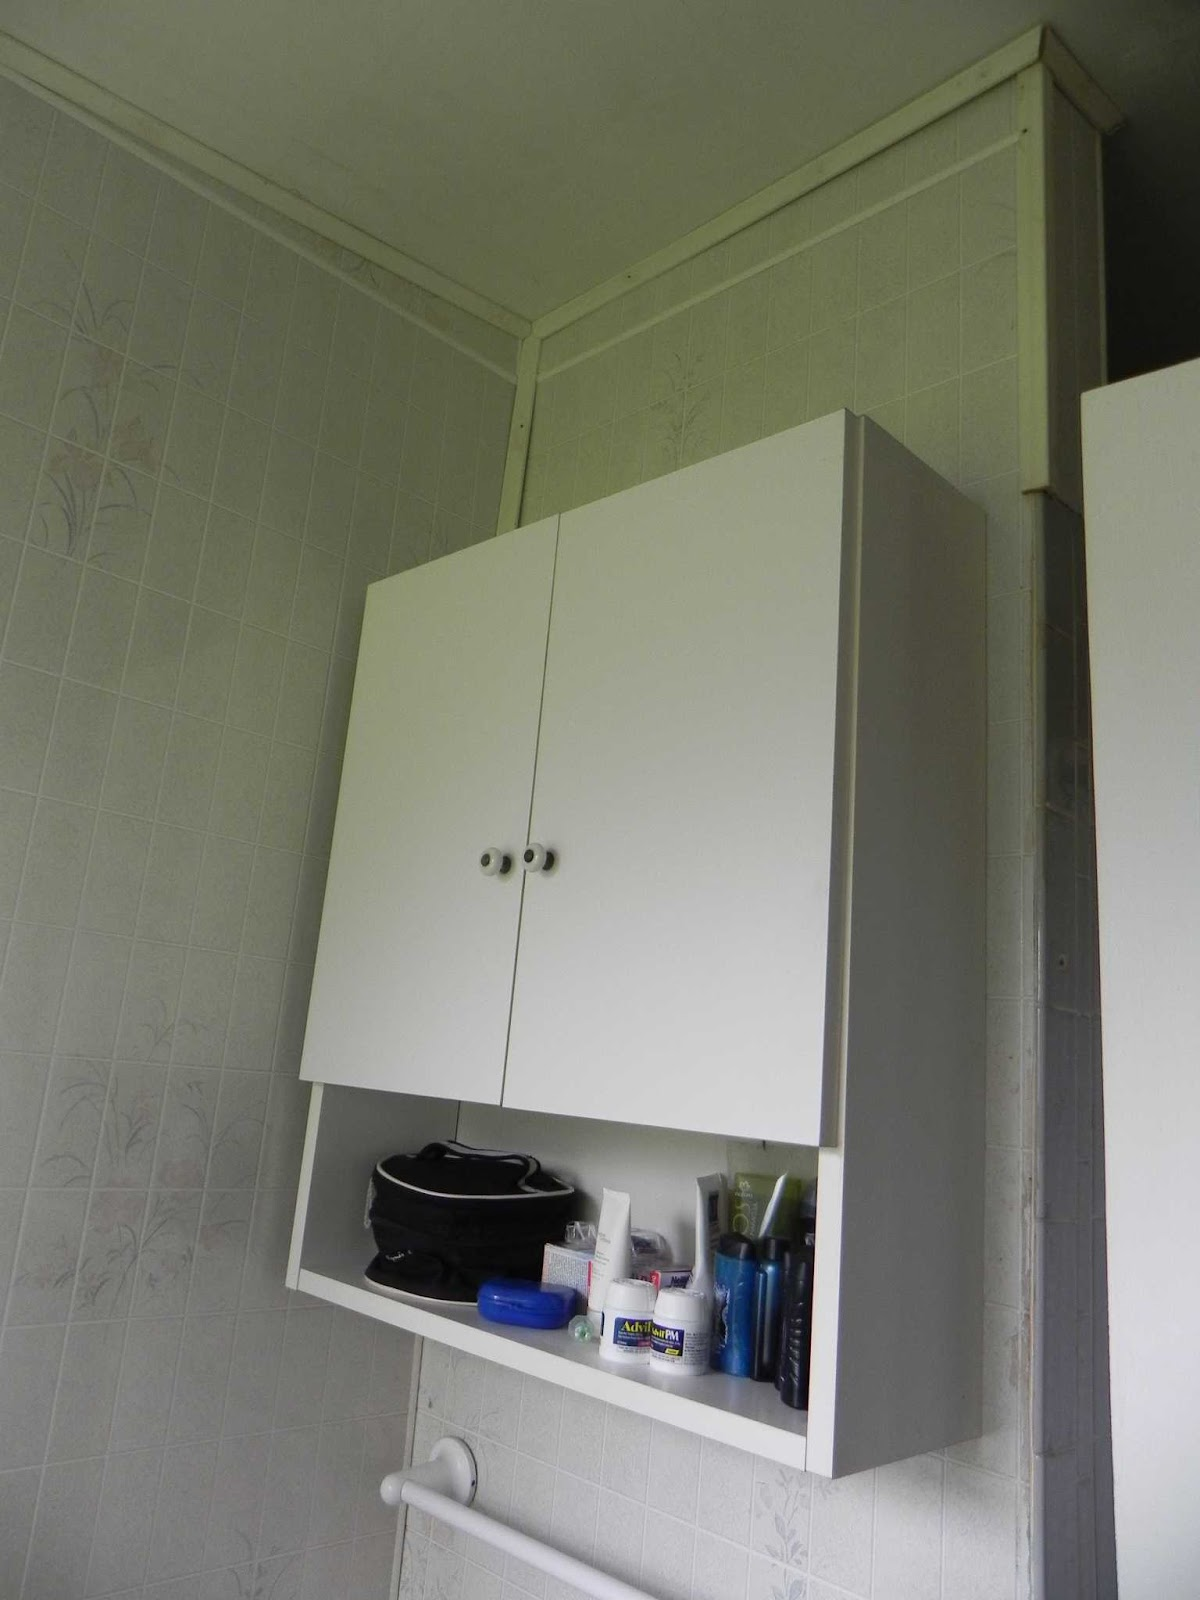 ter uma meia parede em um banheiro de 1 5 por 2 metros parede #3C4664 1200x1600 Banheiro Com Azulejo Meia Parede